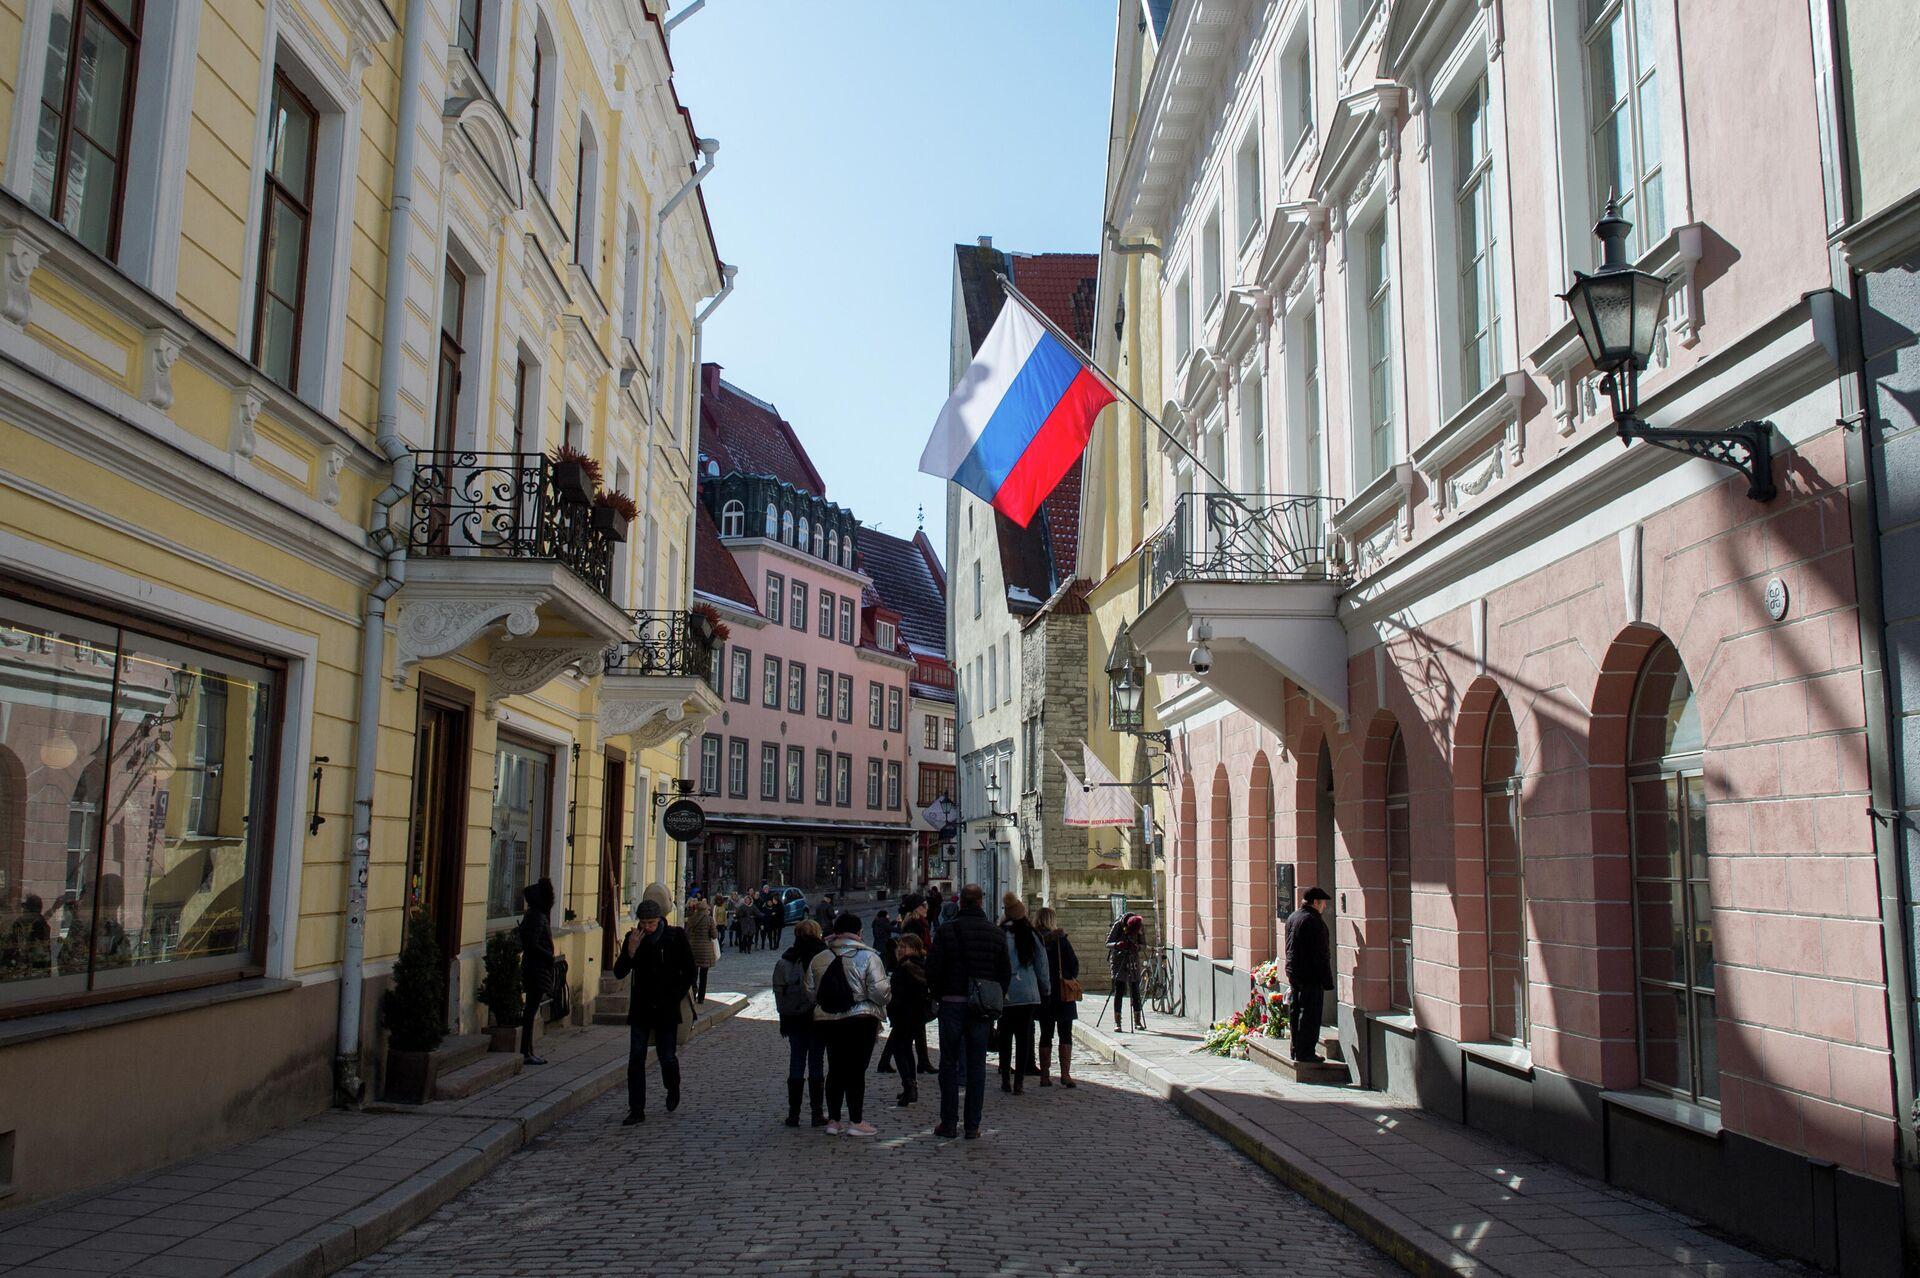 Посольство РФ в Таллине  - РИА Новости, 1920, 20.02.2021